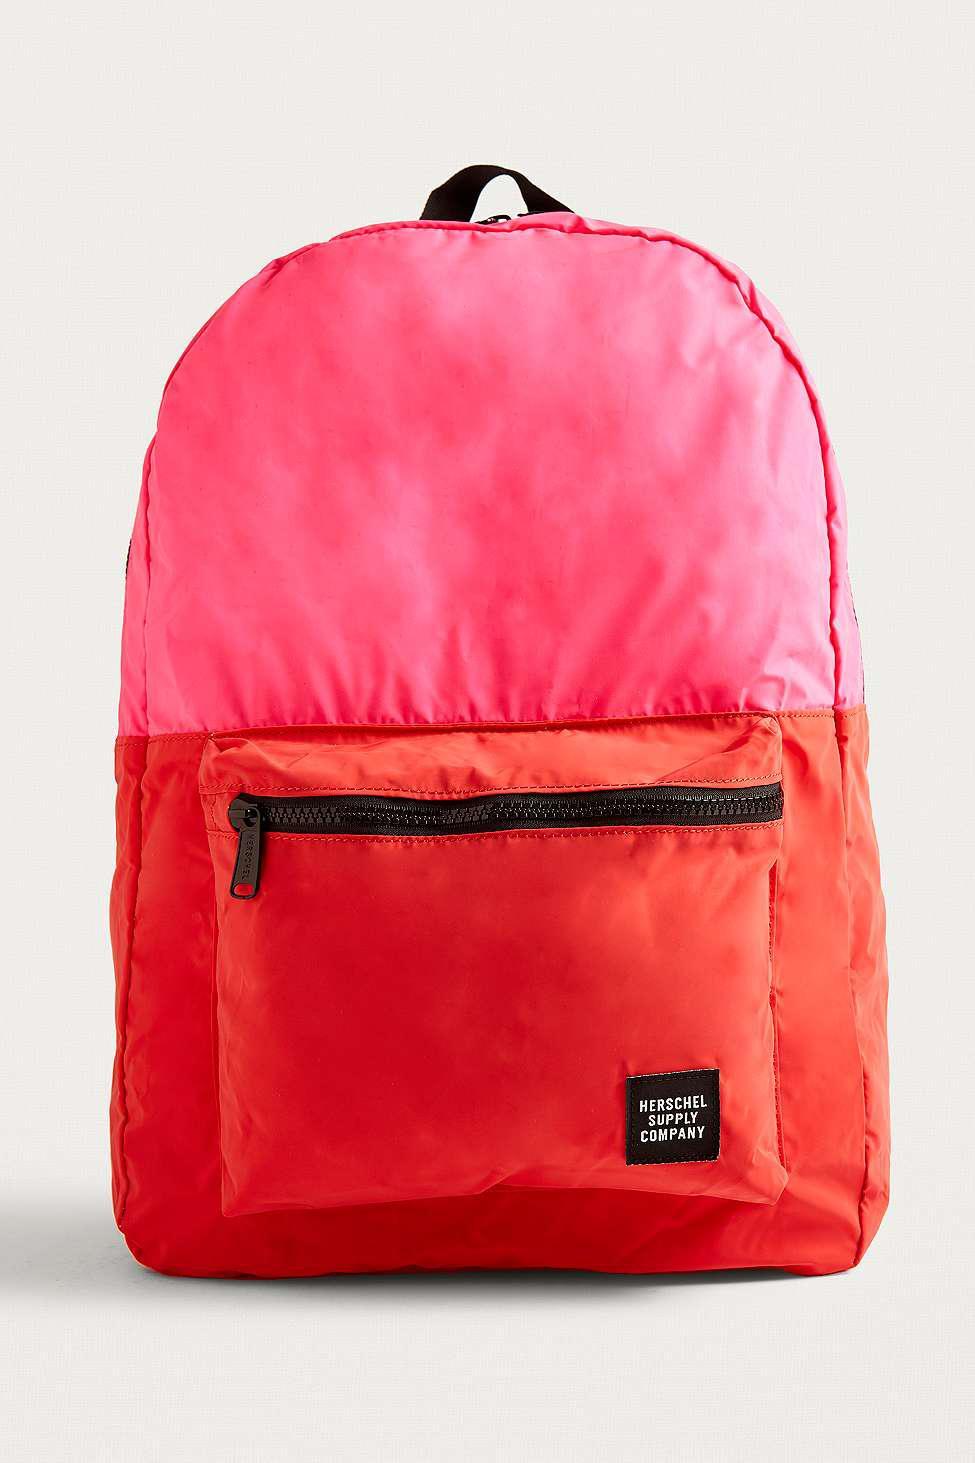 1ed956c1af5 Herschel Supply Co. Reflective Pink And Red Daypack Backpack - Mens ...